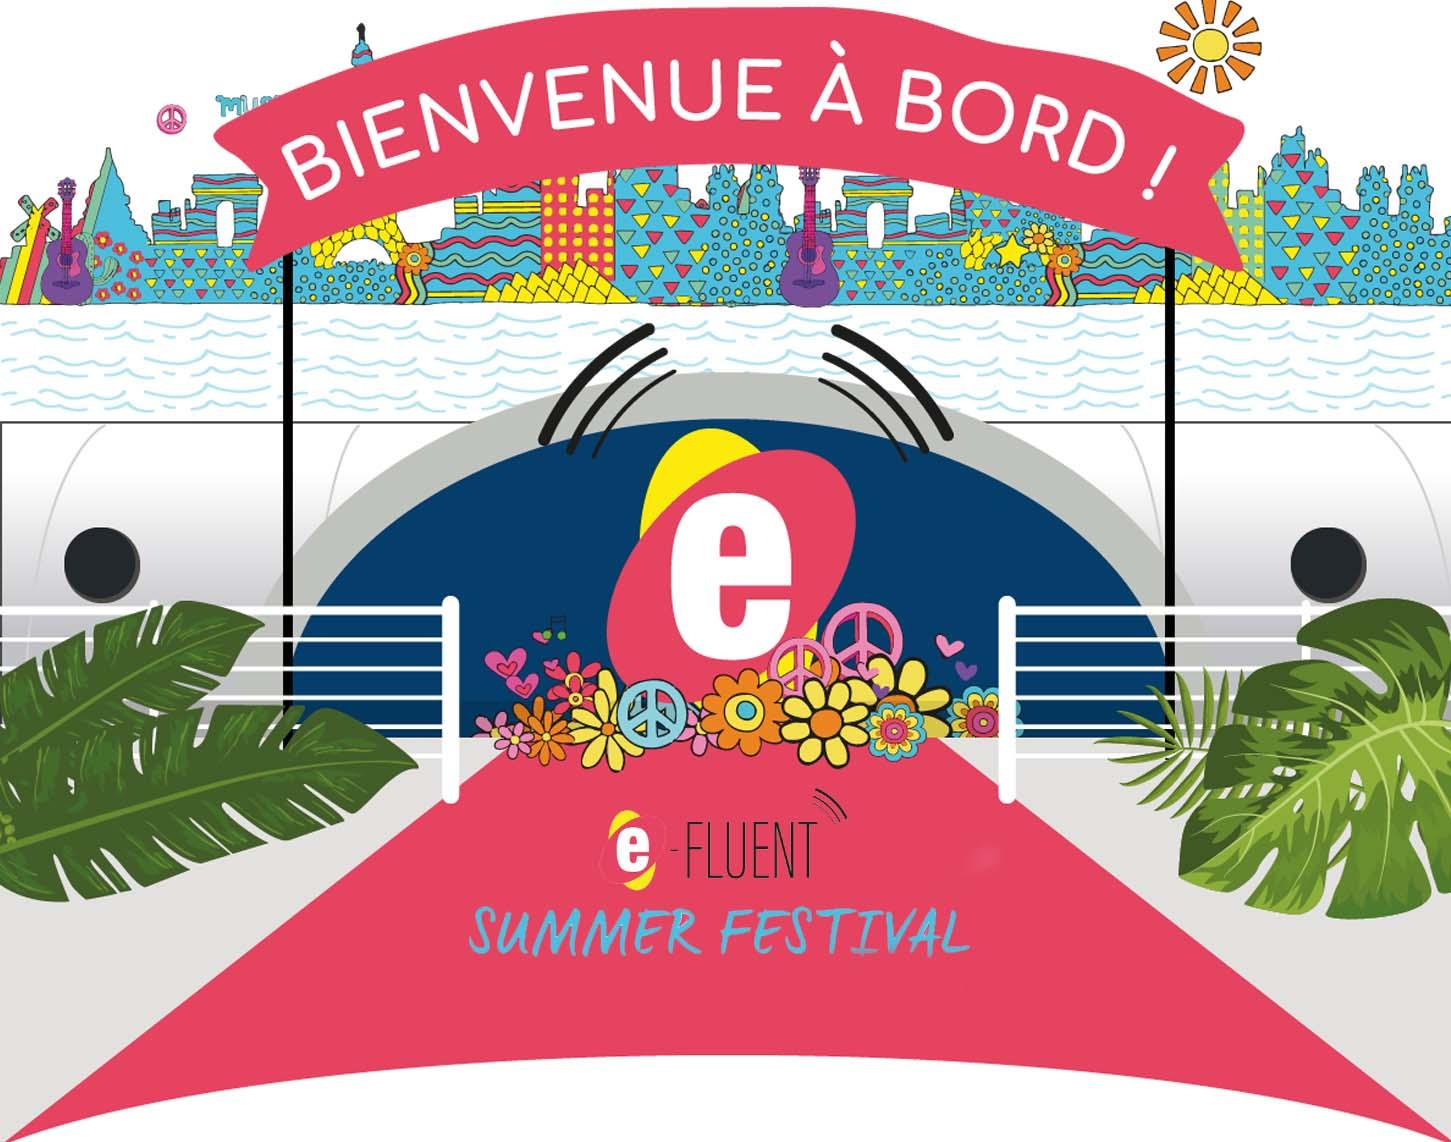 e-fluent summer festival 7